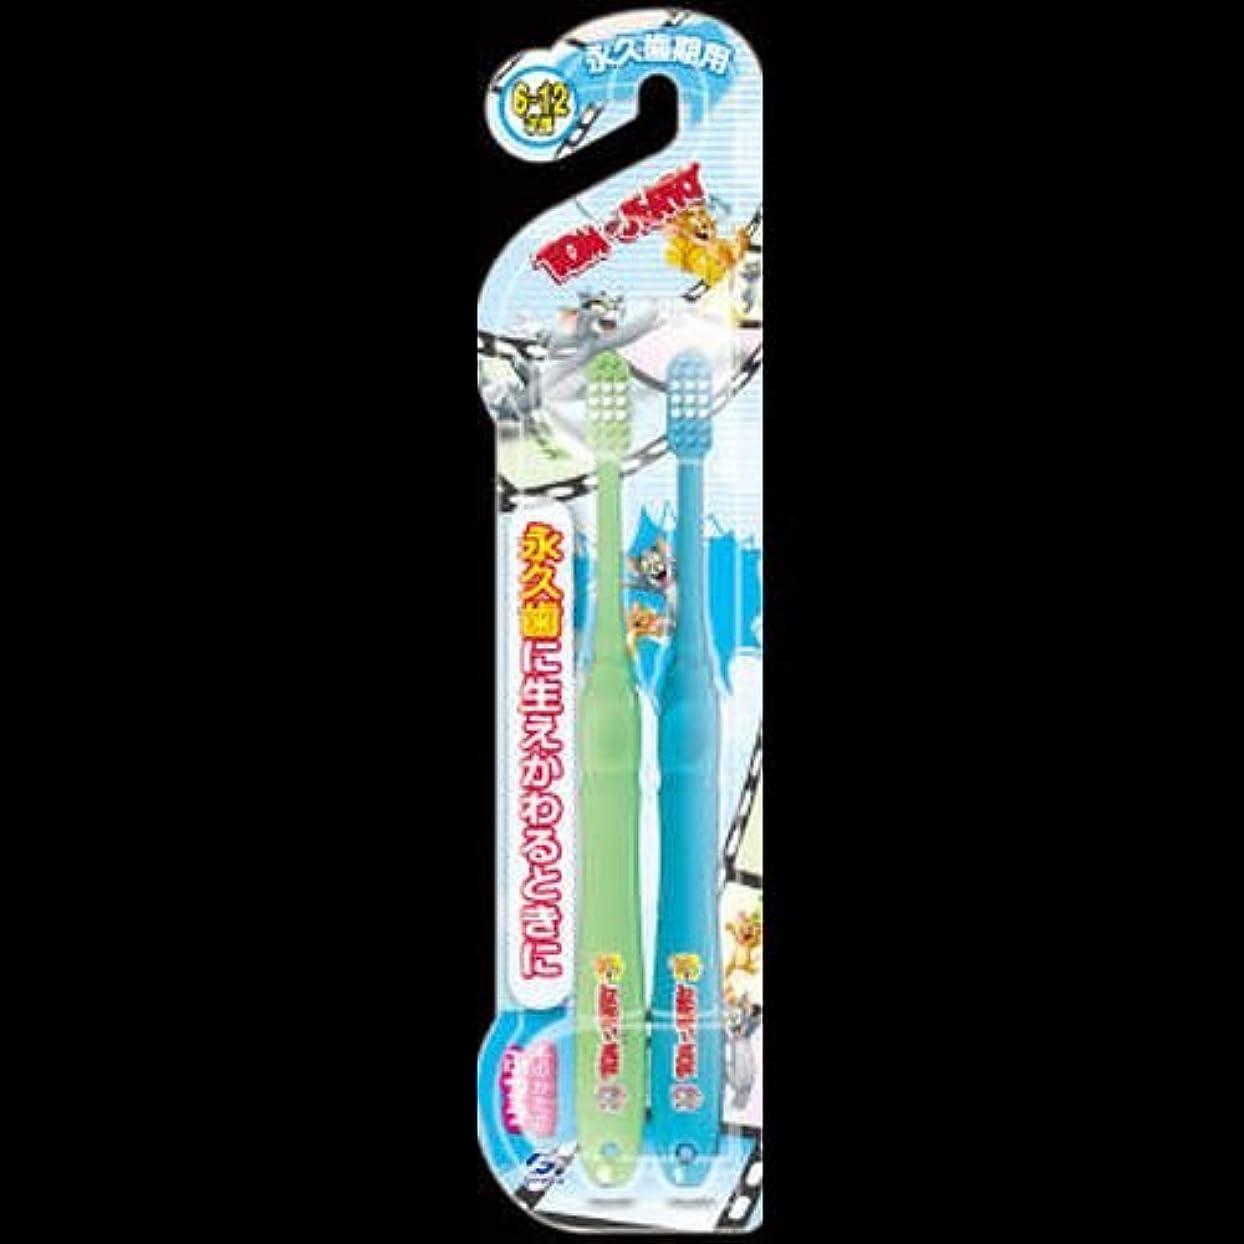 罰原因ブリーフケーストム&ジェリーハブラシ 永久歯用(6才-12才) 2本組 ×2セット